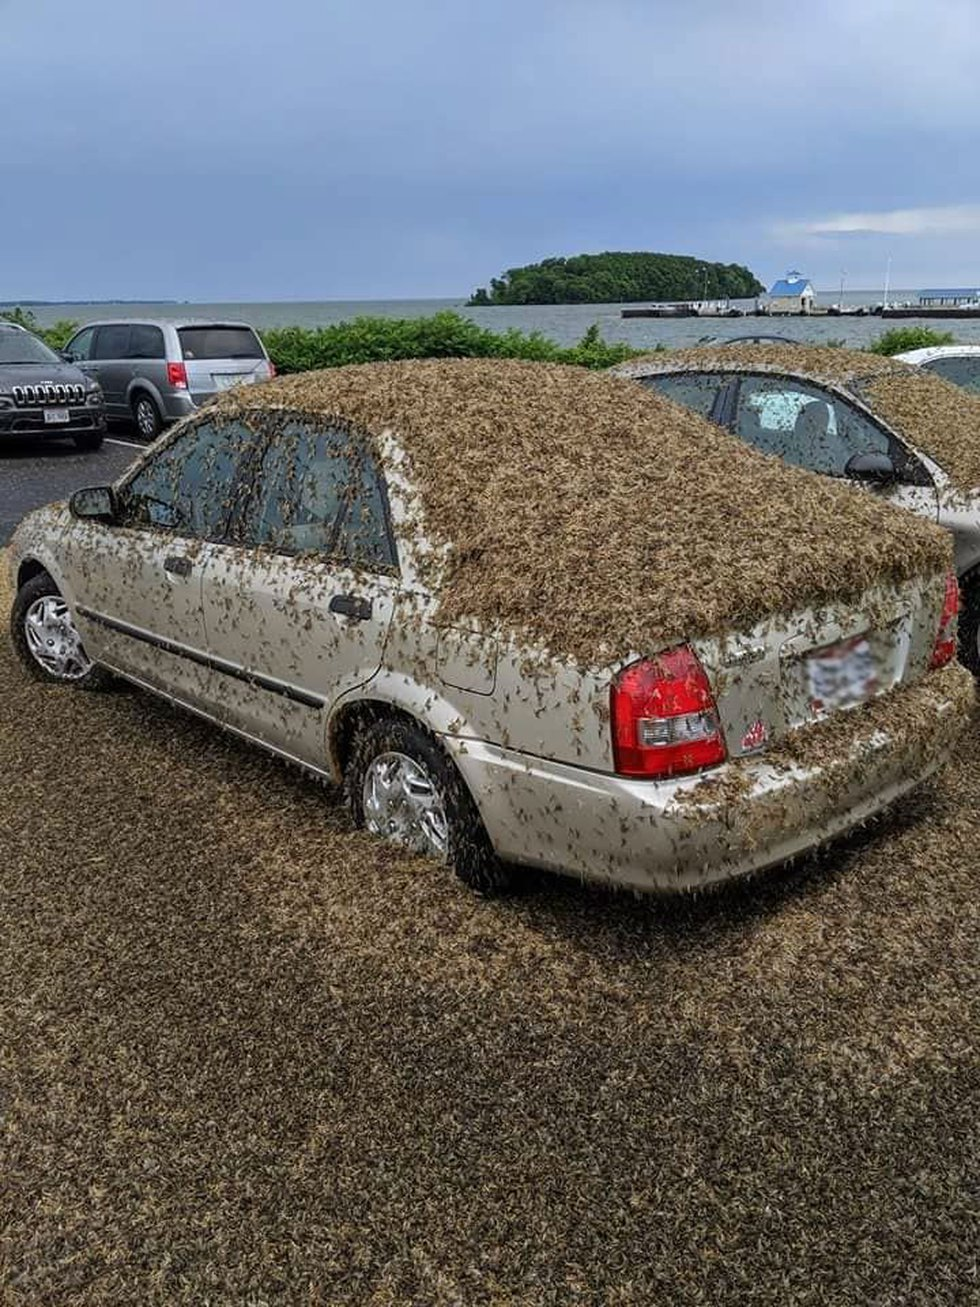 Mayflies cover car near Port Clinton